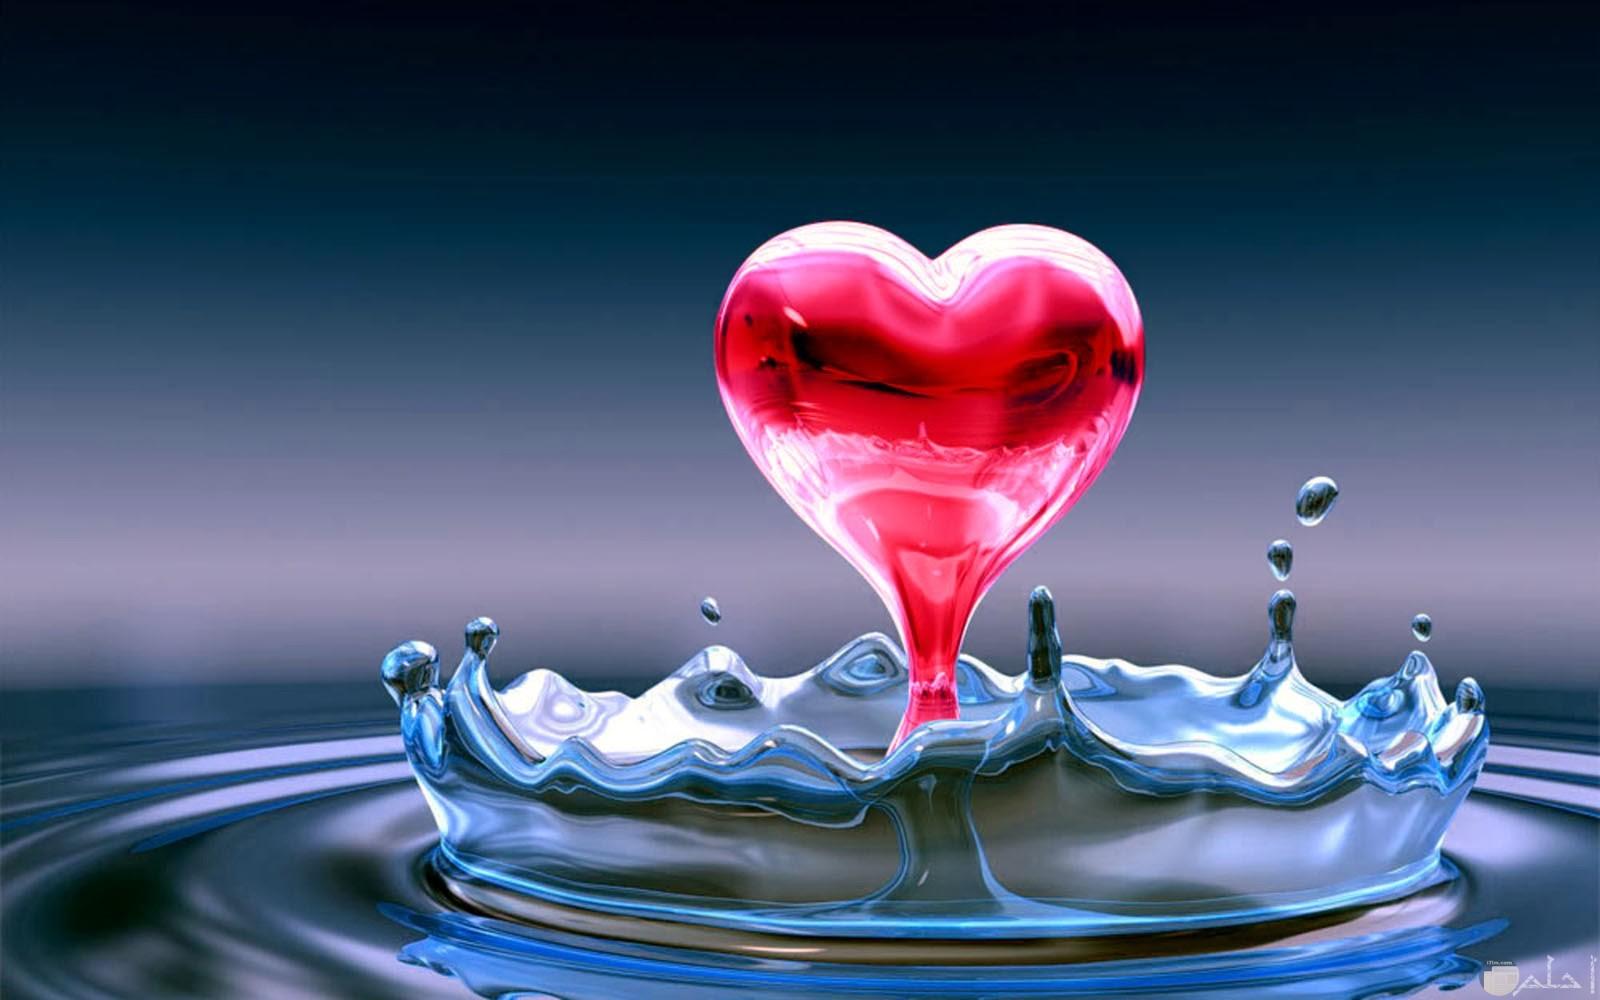 خلفية فيس بوك و قلب يخرج من الماء.